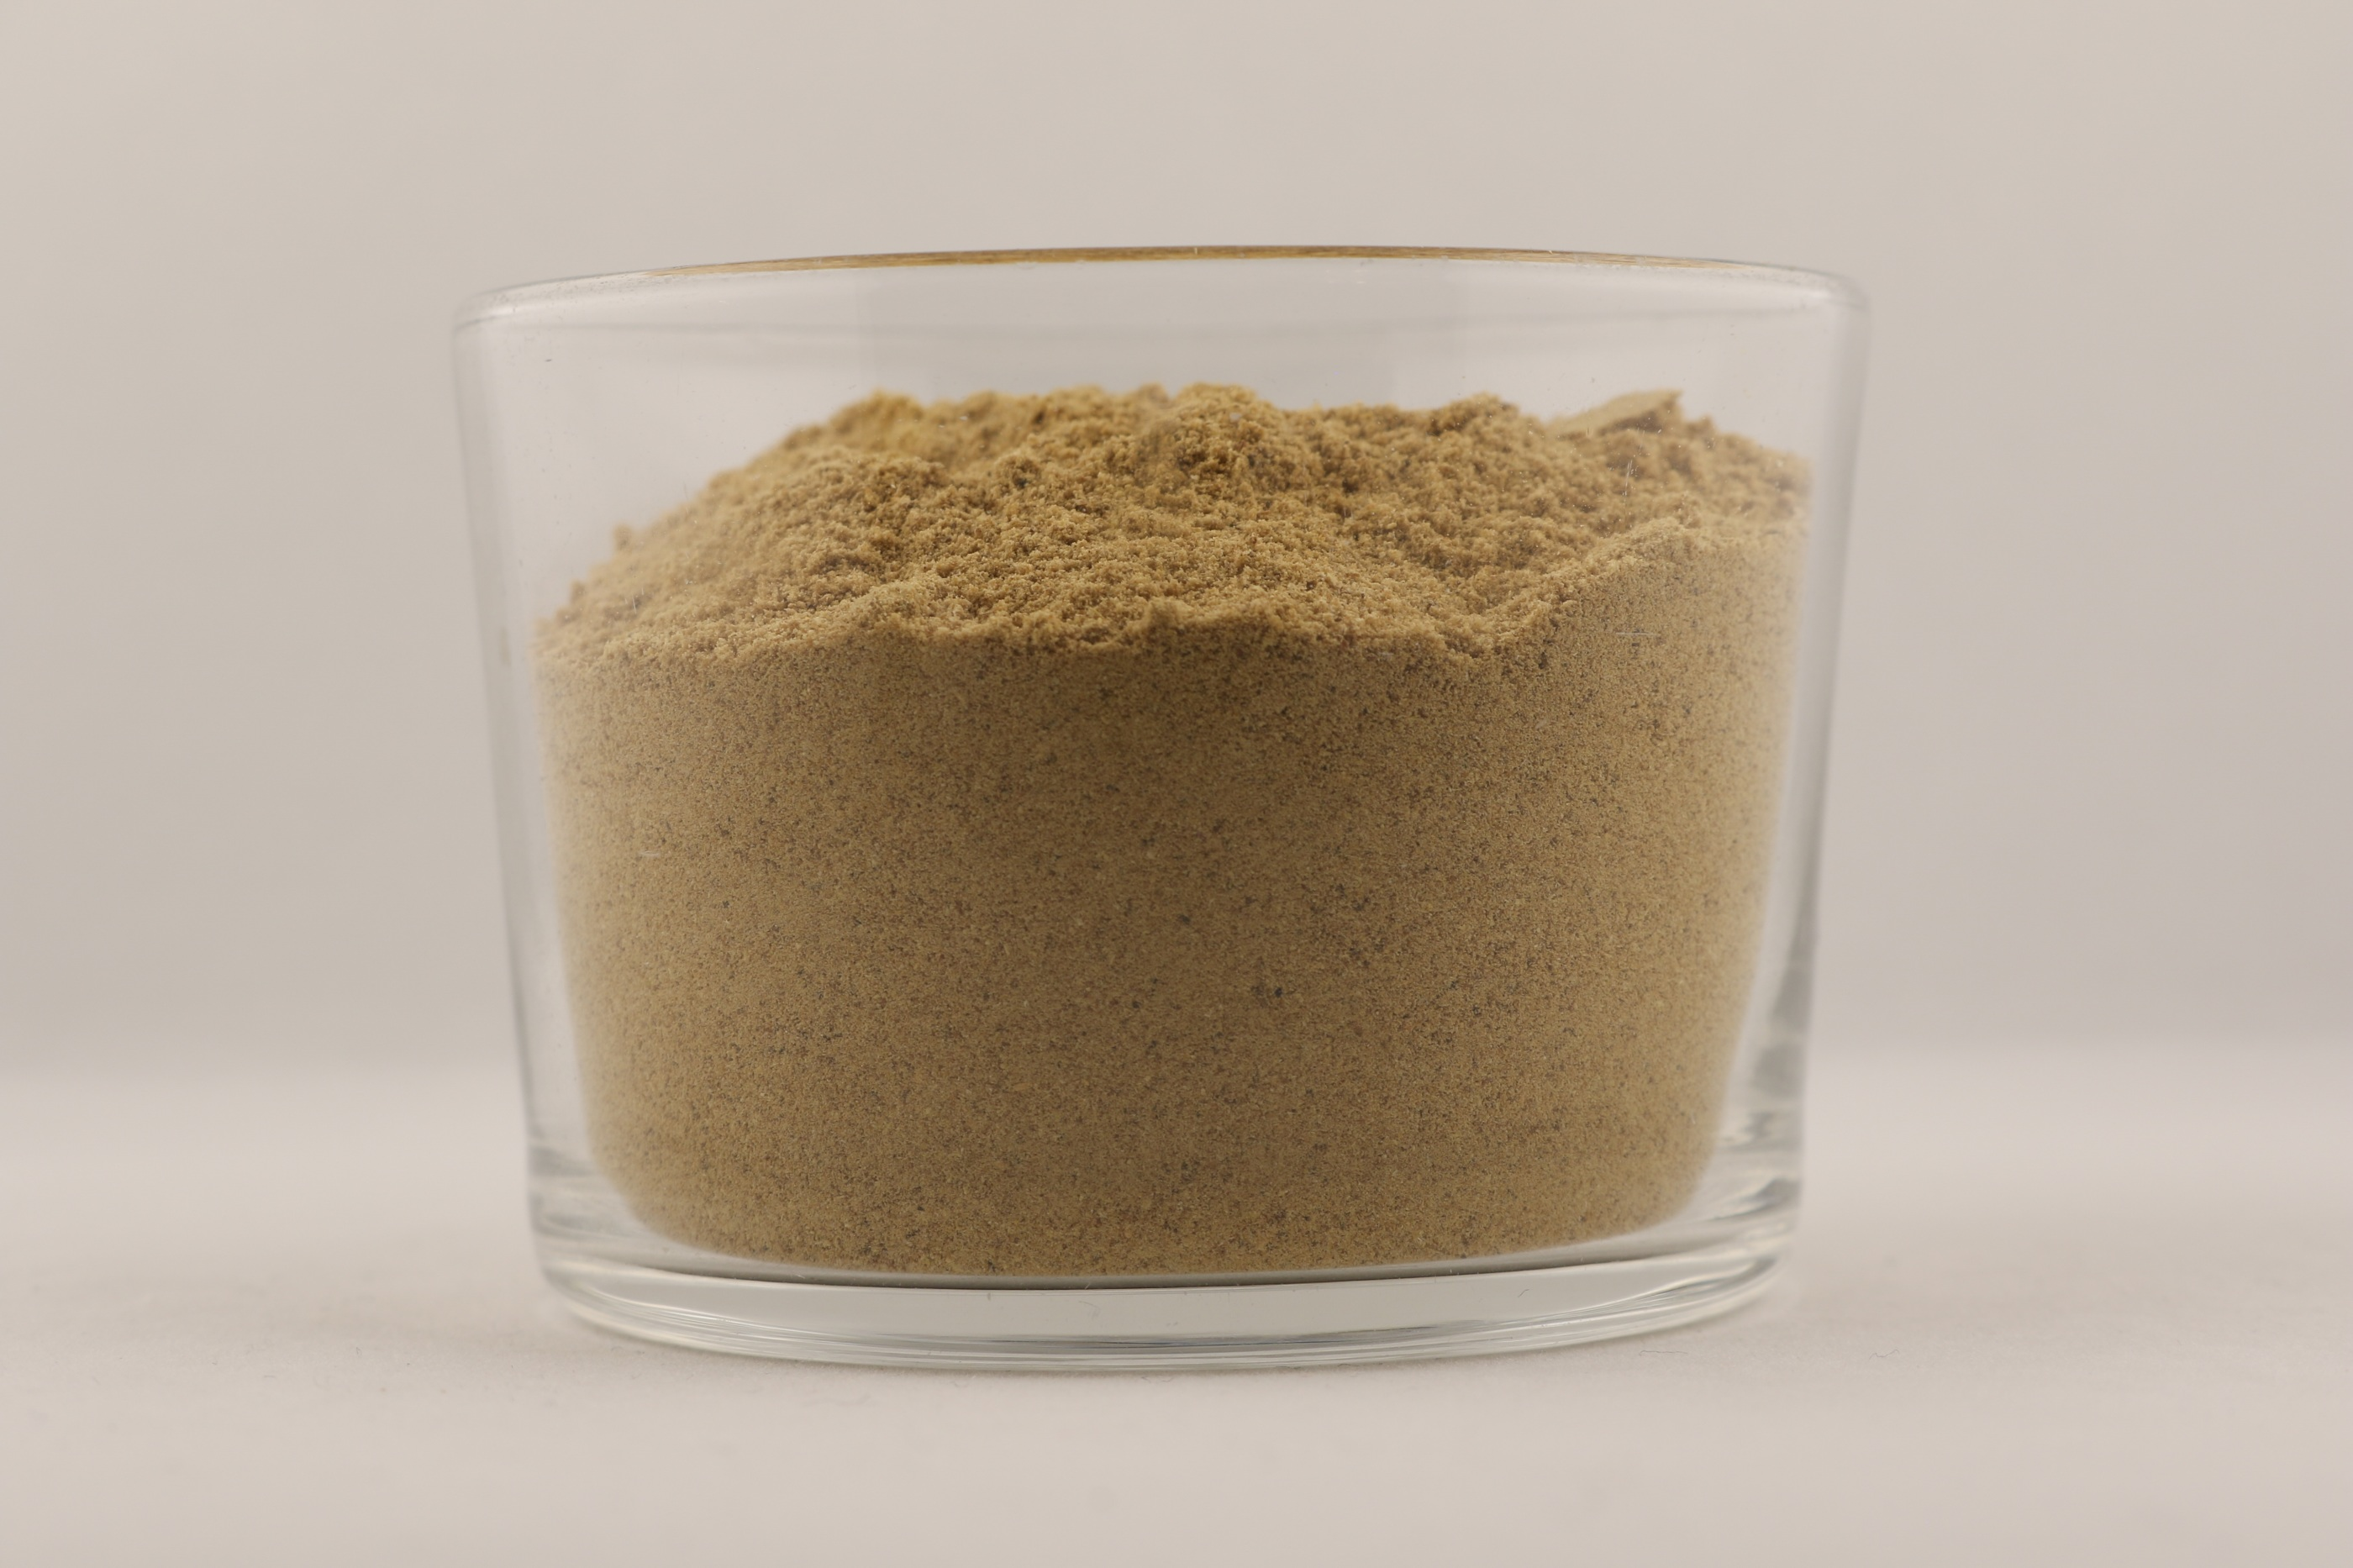 Trifala pulver lösvikt holistisk alternativ örttillskott kosttillskott homeopati hälsa